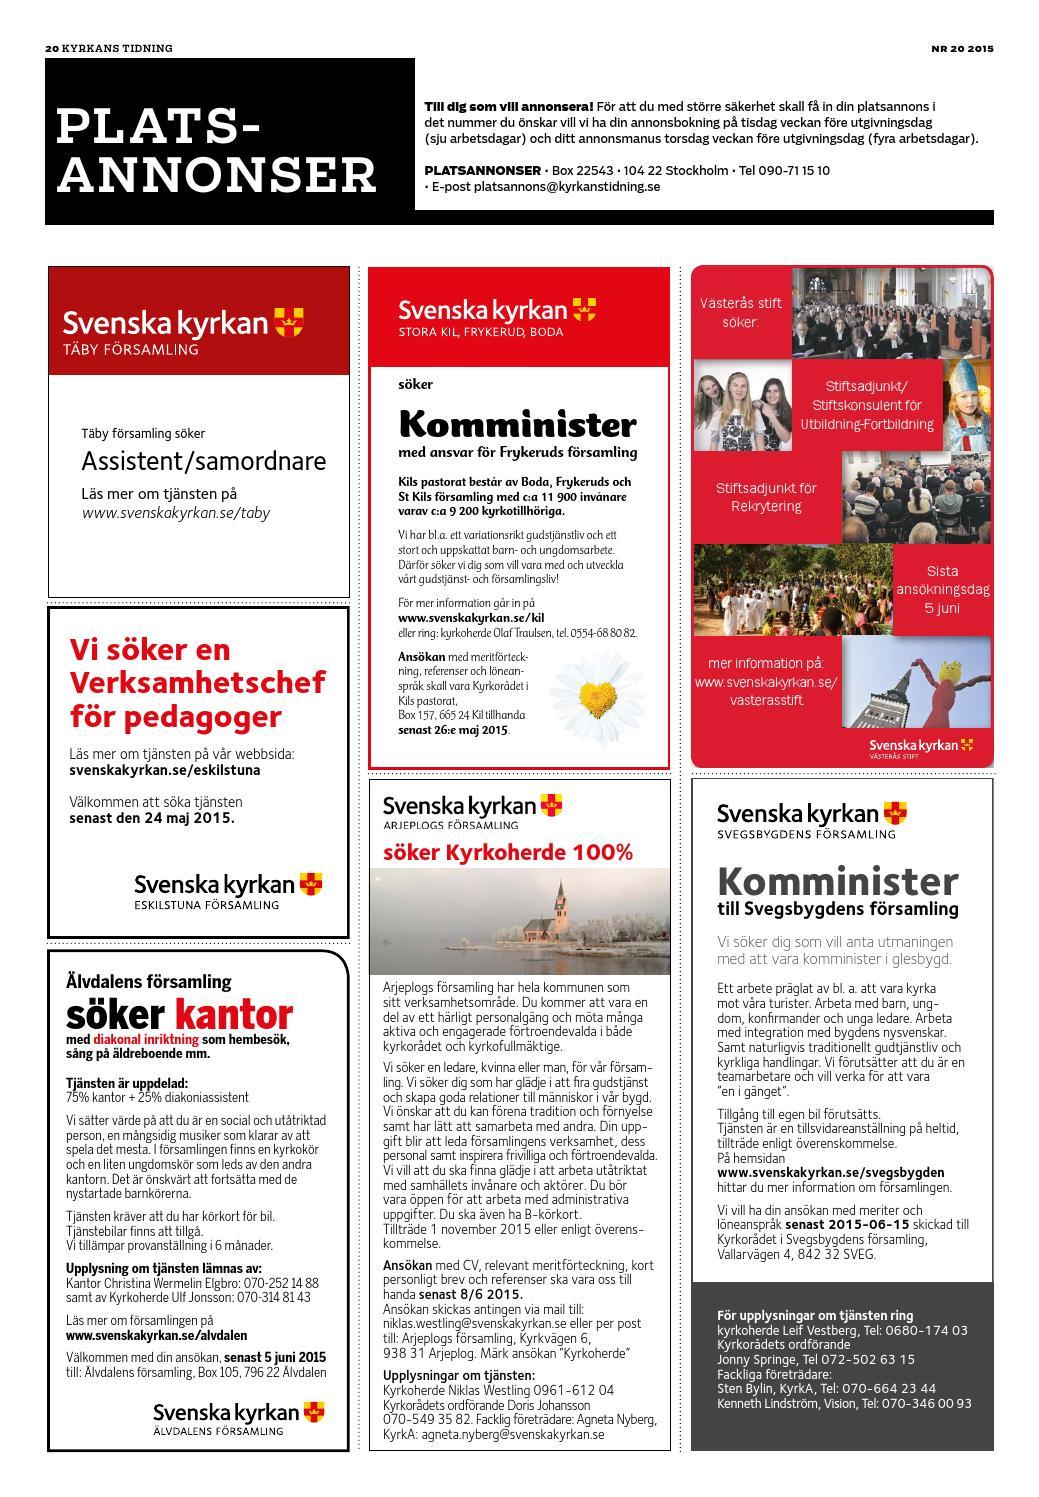 Lena Christina Karlsson, 56 r i Gunnebo p Skaftet Strandhem 2